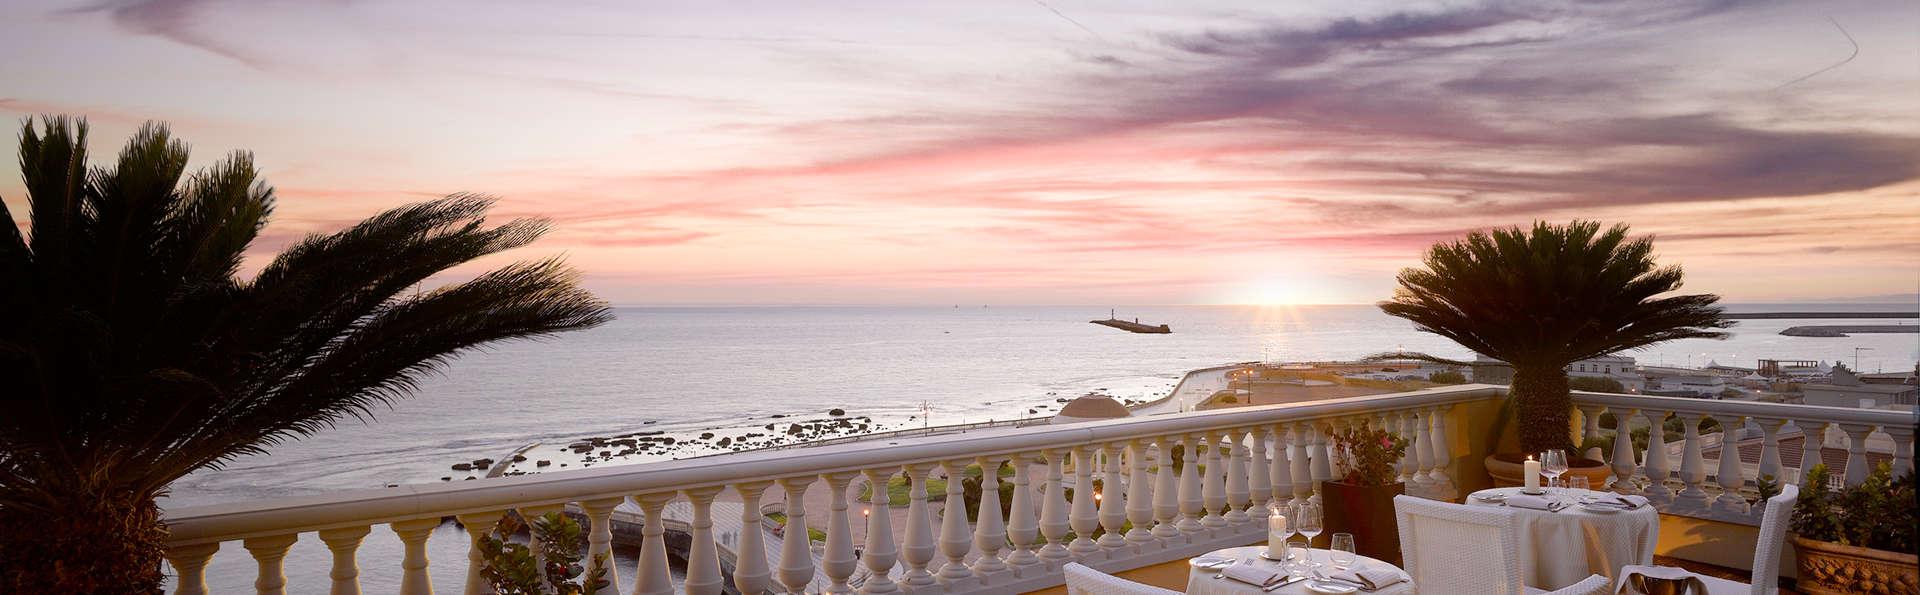 Weekend di extra lusso e di relax con vista mozzafiato sul mare di Livorno in Junior Suite